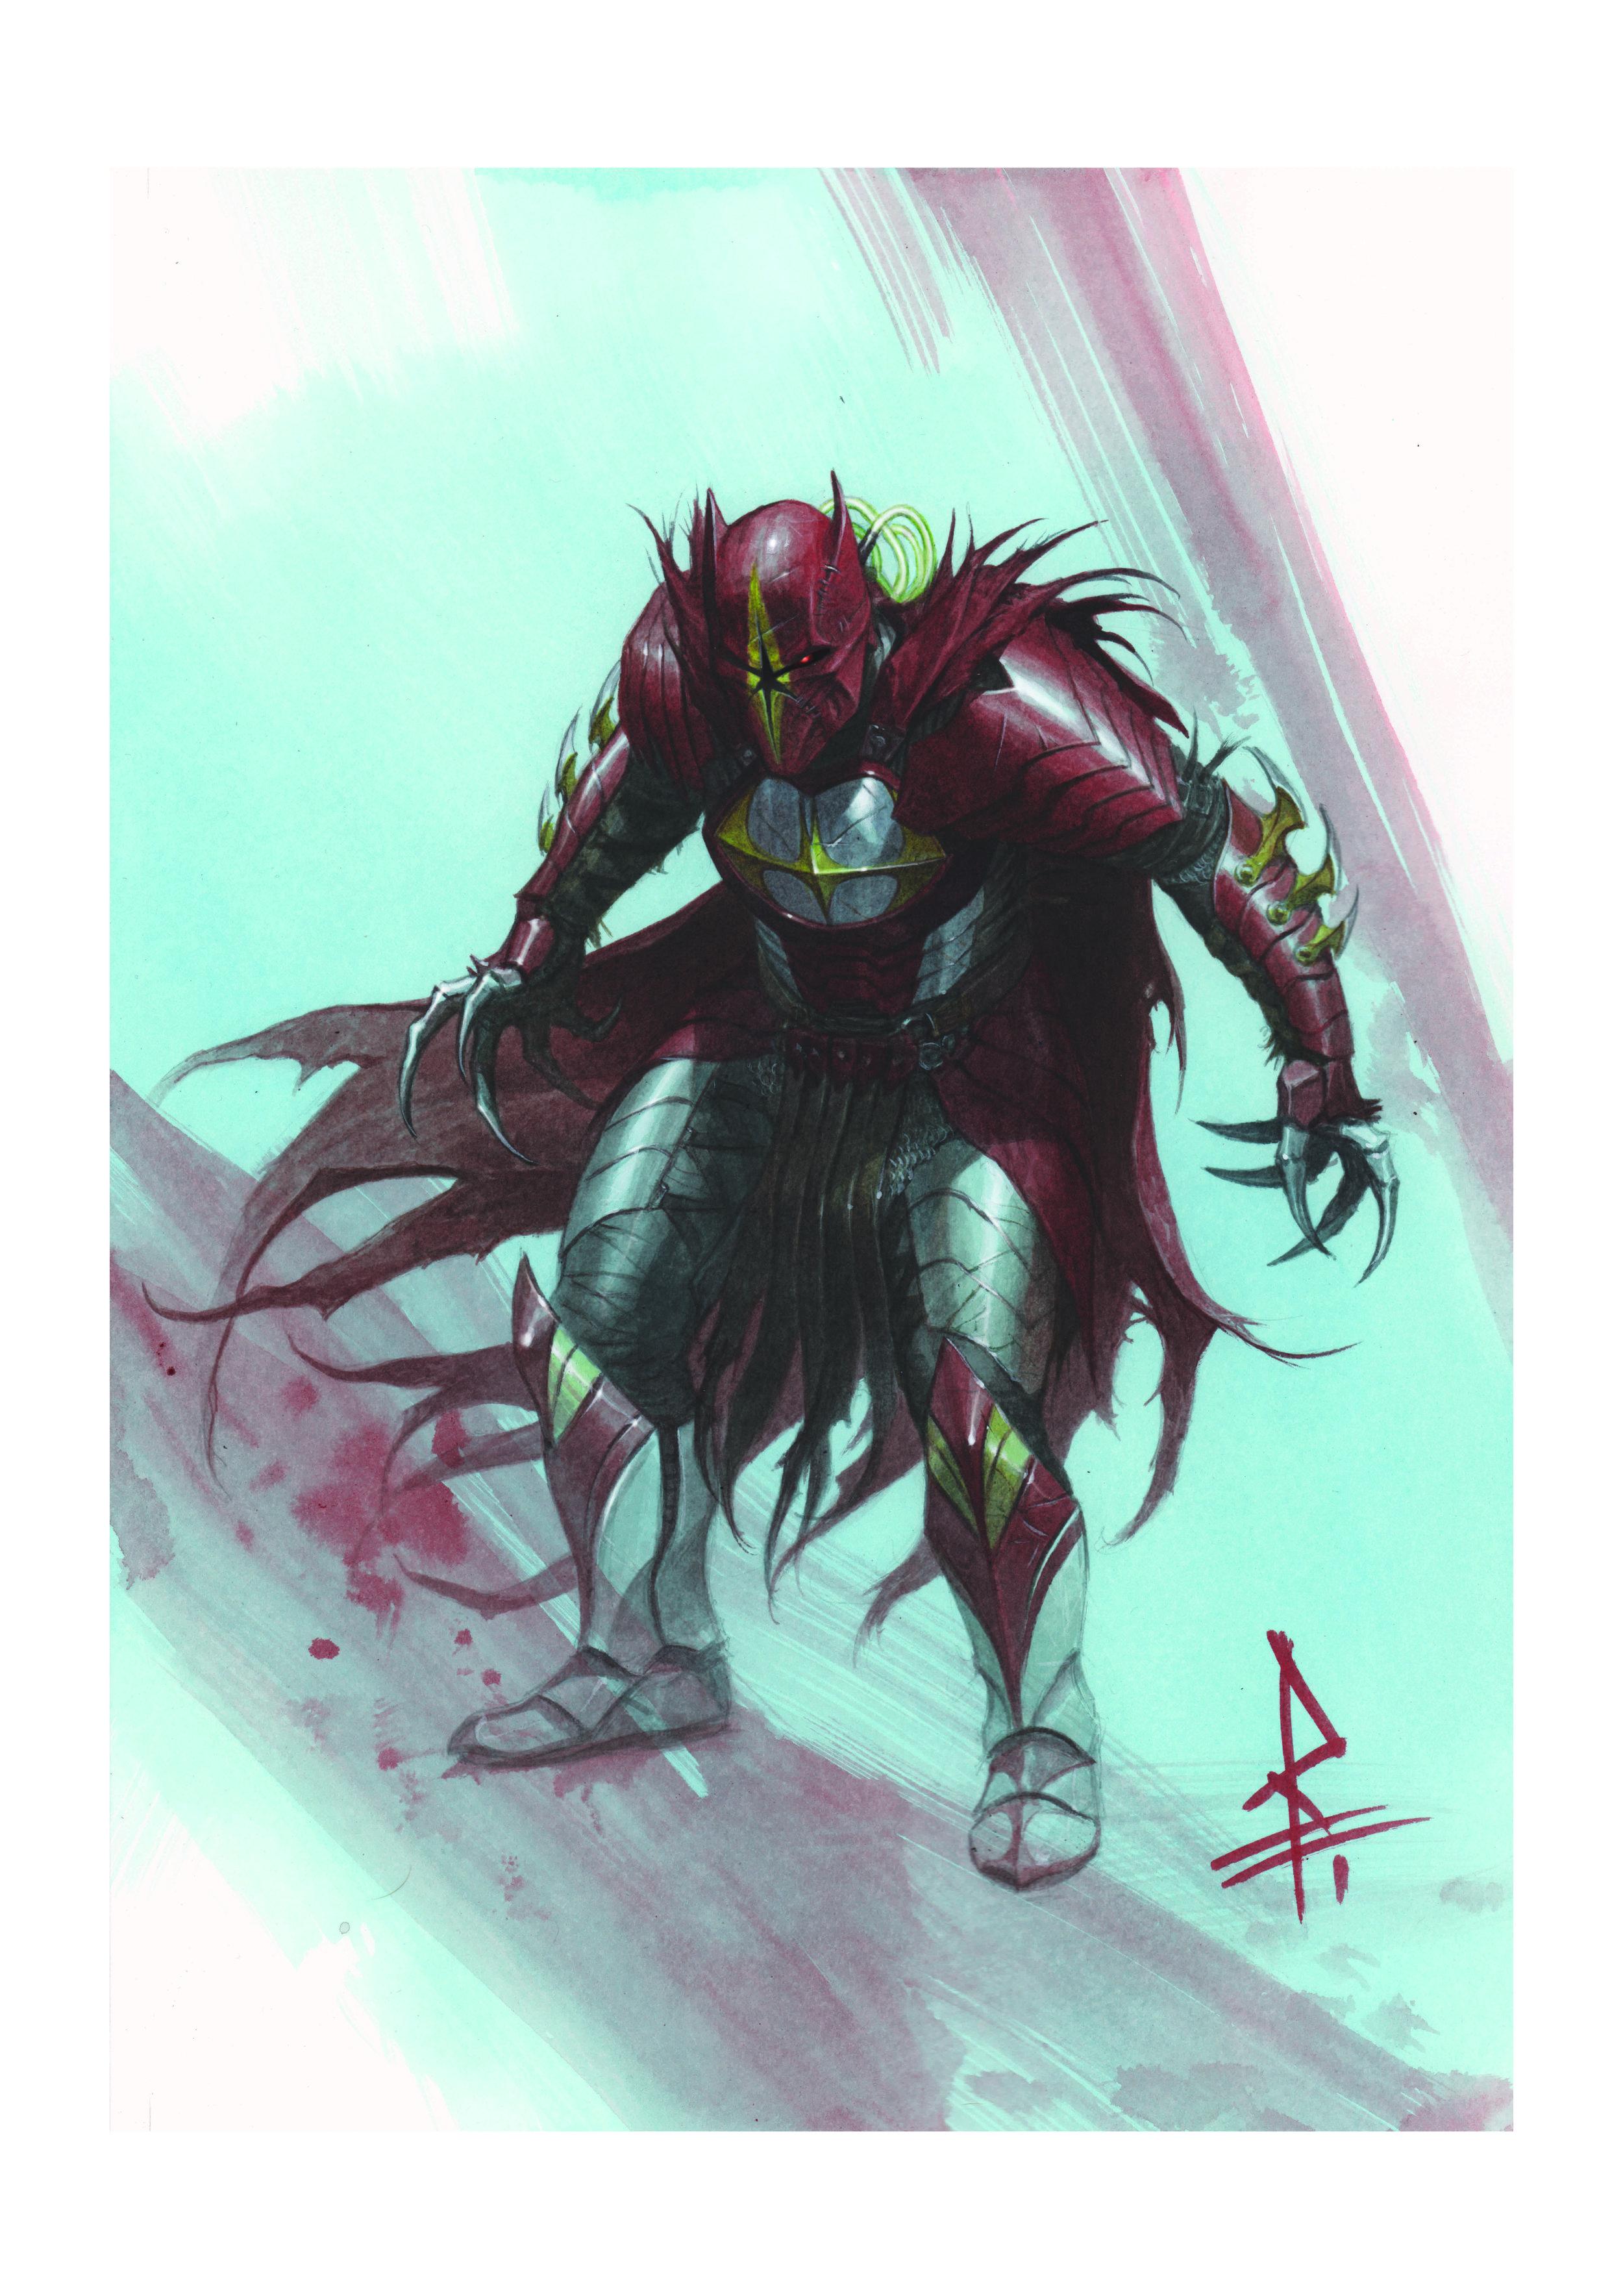 Azrael conceptl full figure color Federici_5d2c7f57d98b51.33526874.jpg